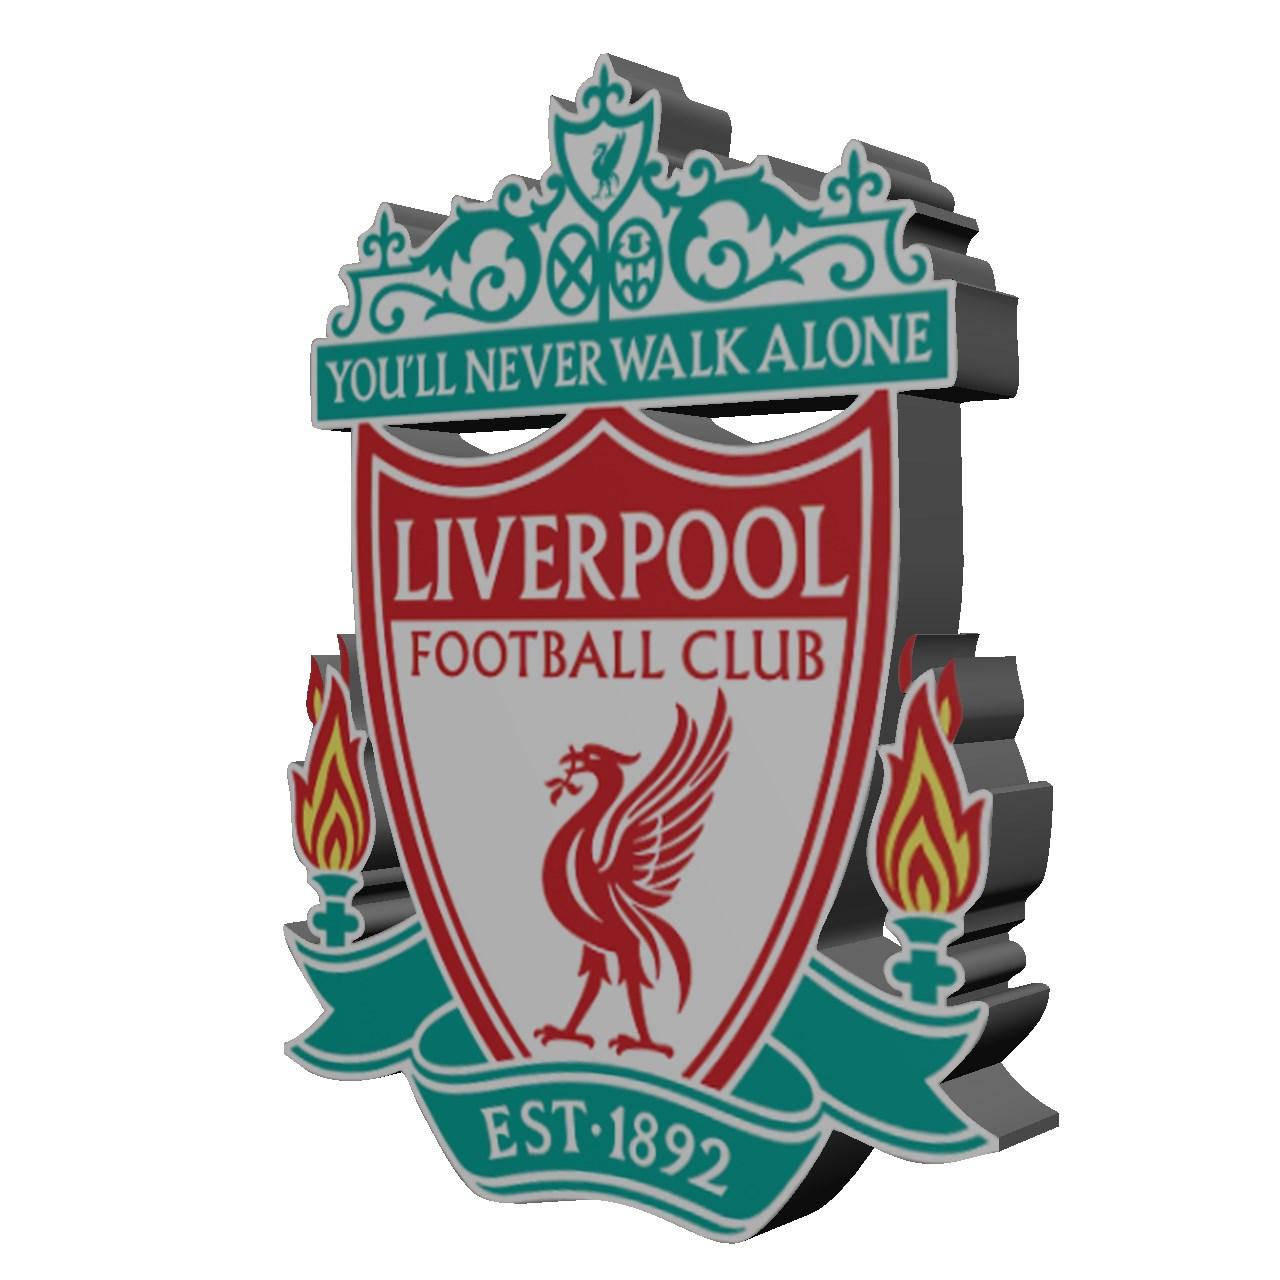 عکس پیکسل چوبی لیورپول بانیبو مدل Liverpool